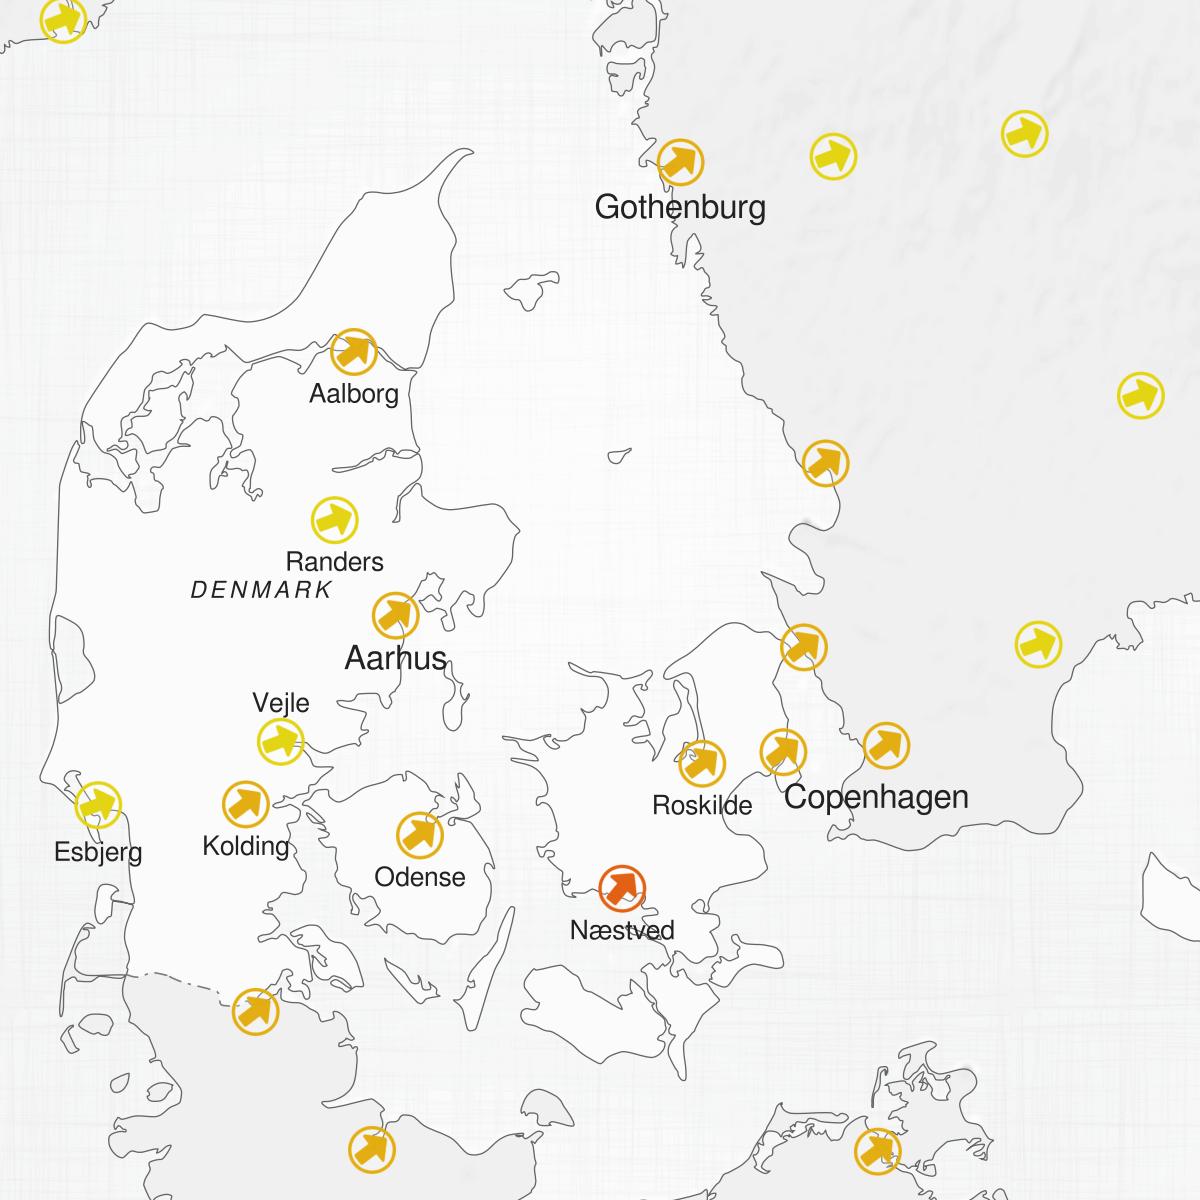 Cities of Denmark